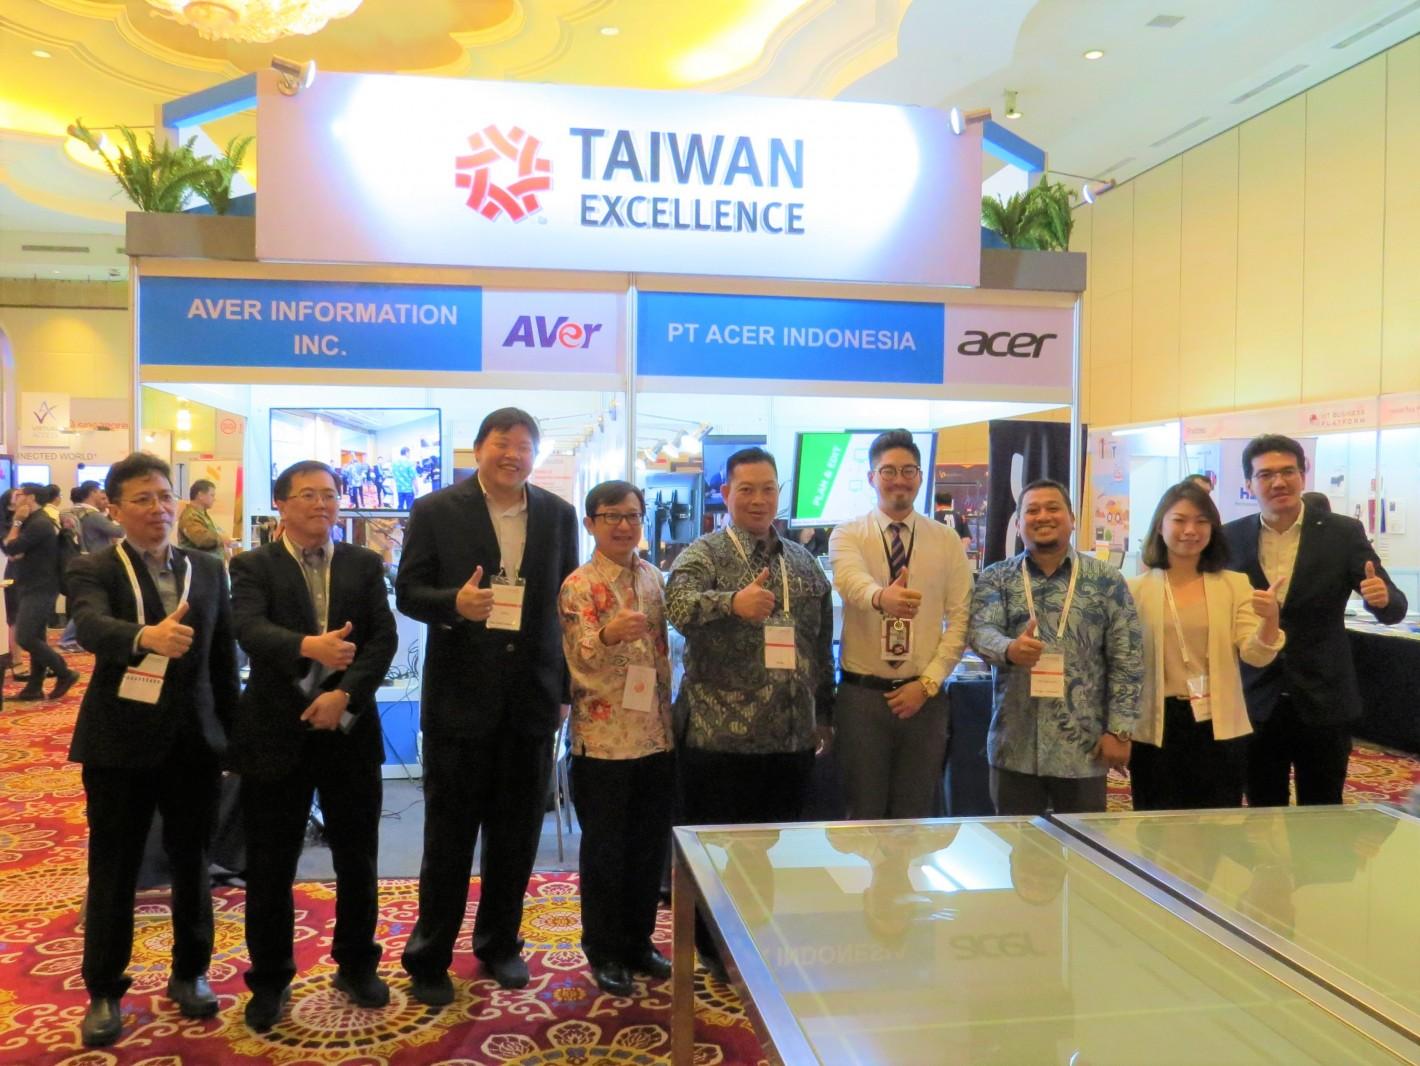 雅加達台貿中心廖俊生主任(左四)與台灣精品廠商合影